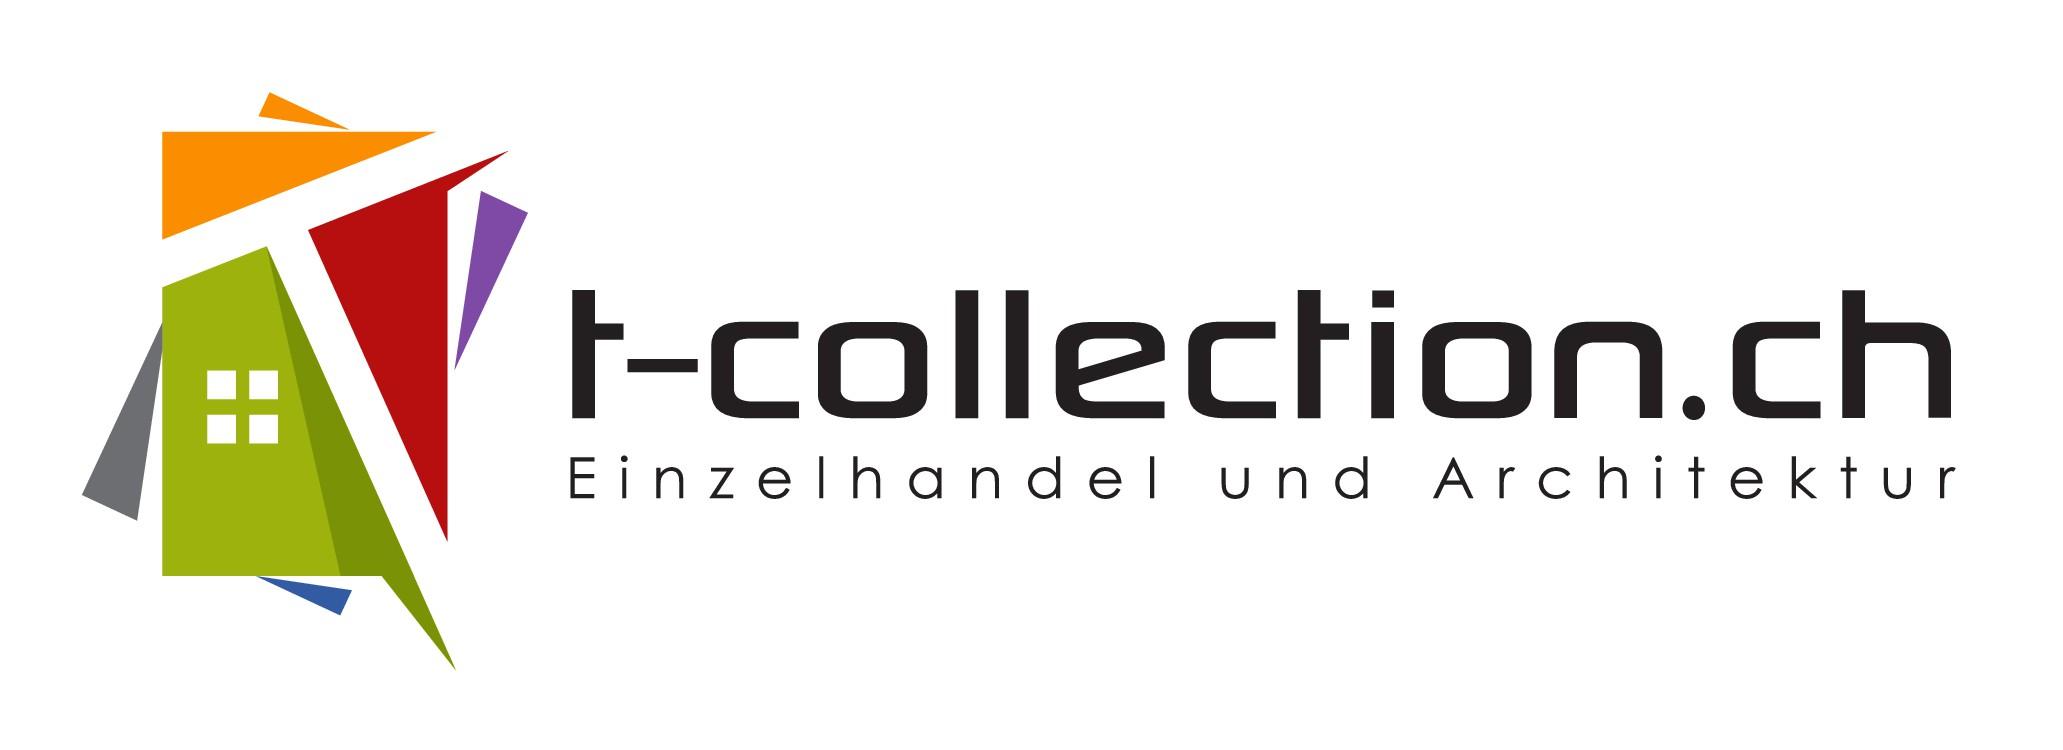 Logo für Einzelhandel und Architektur